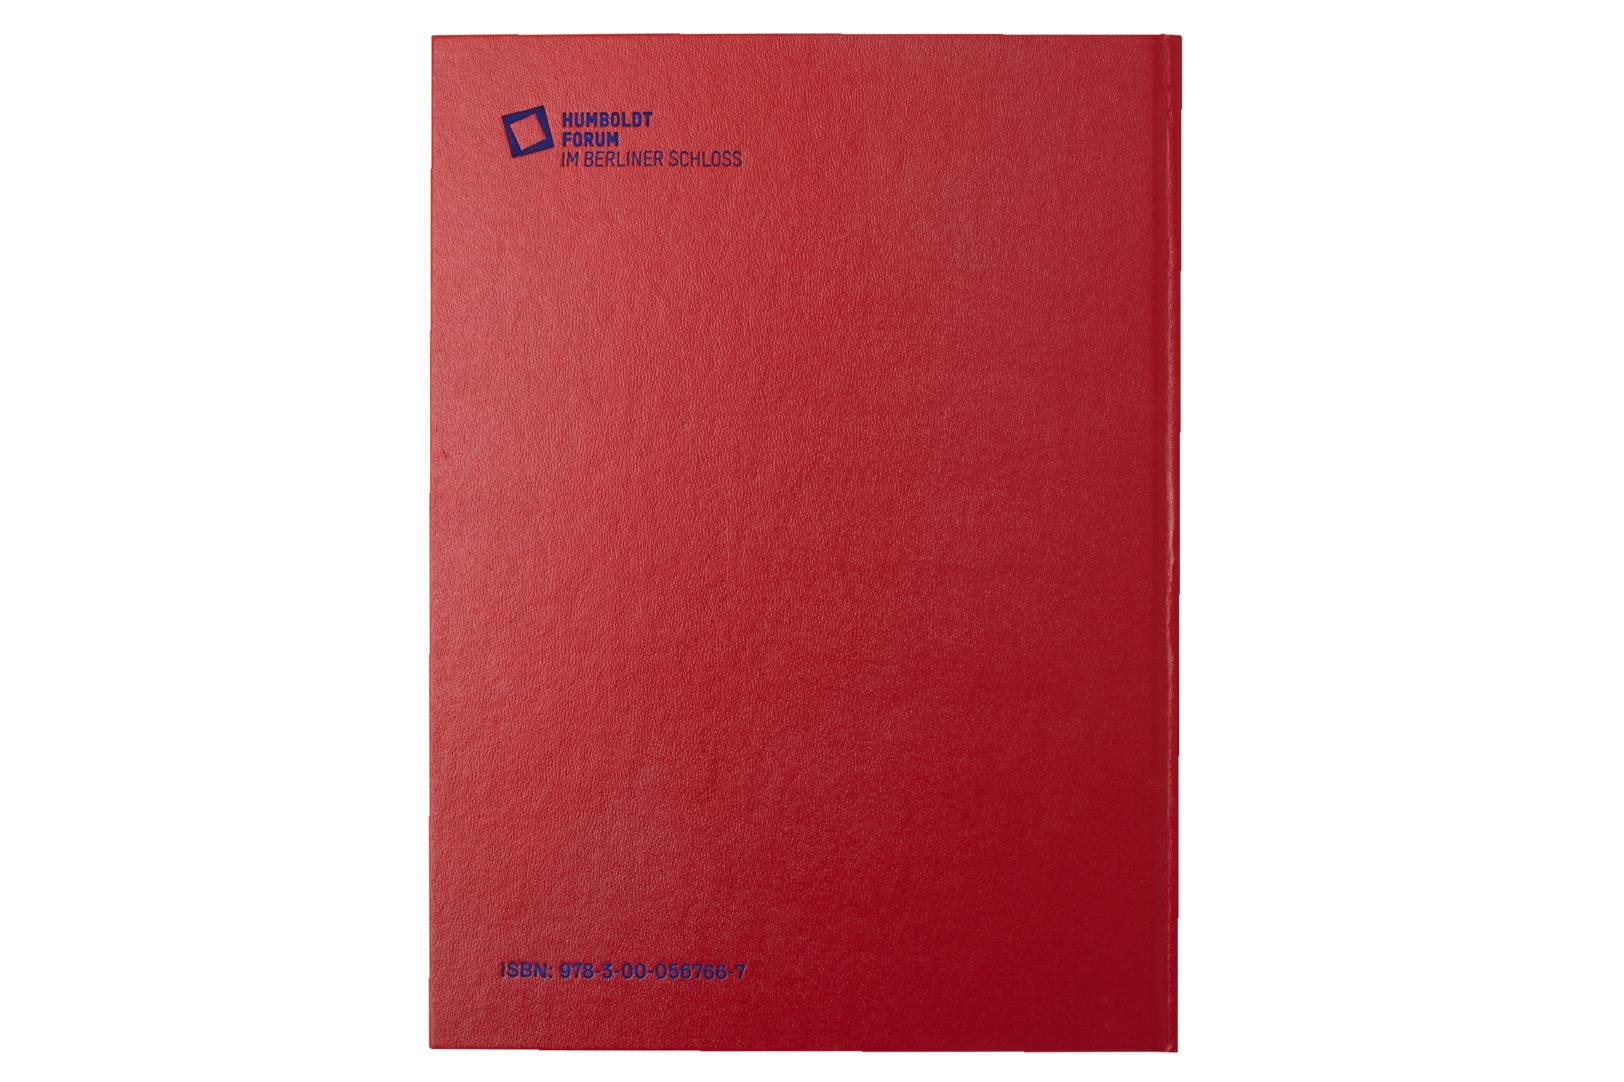 http://e-o-t.de/wordpress/wp-content/uploads/2018/07/eot-2017-Barock-Book-119.jpg